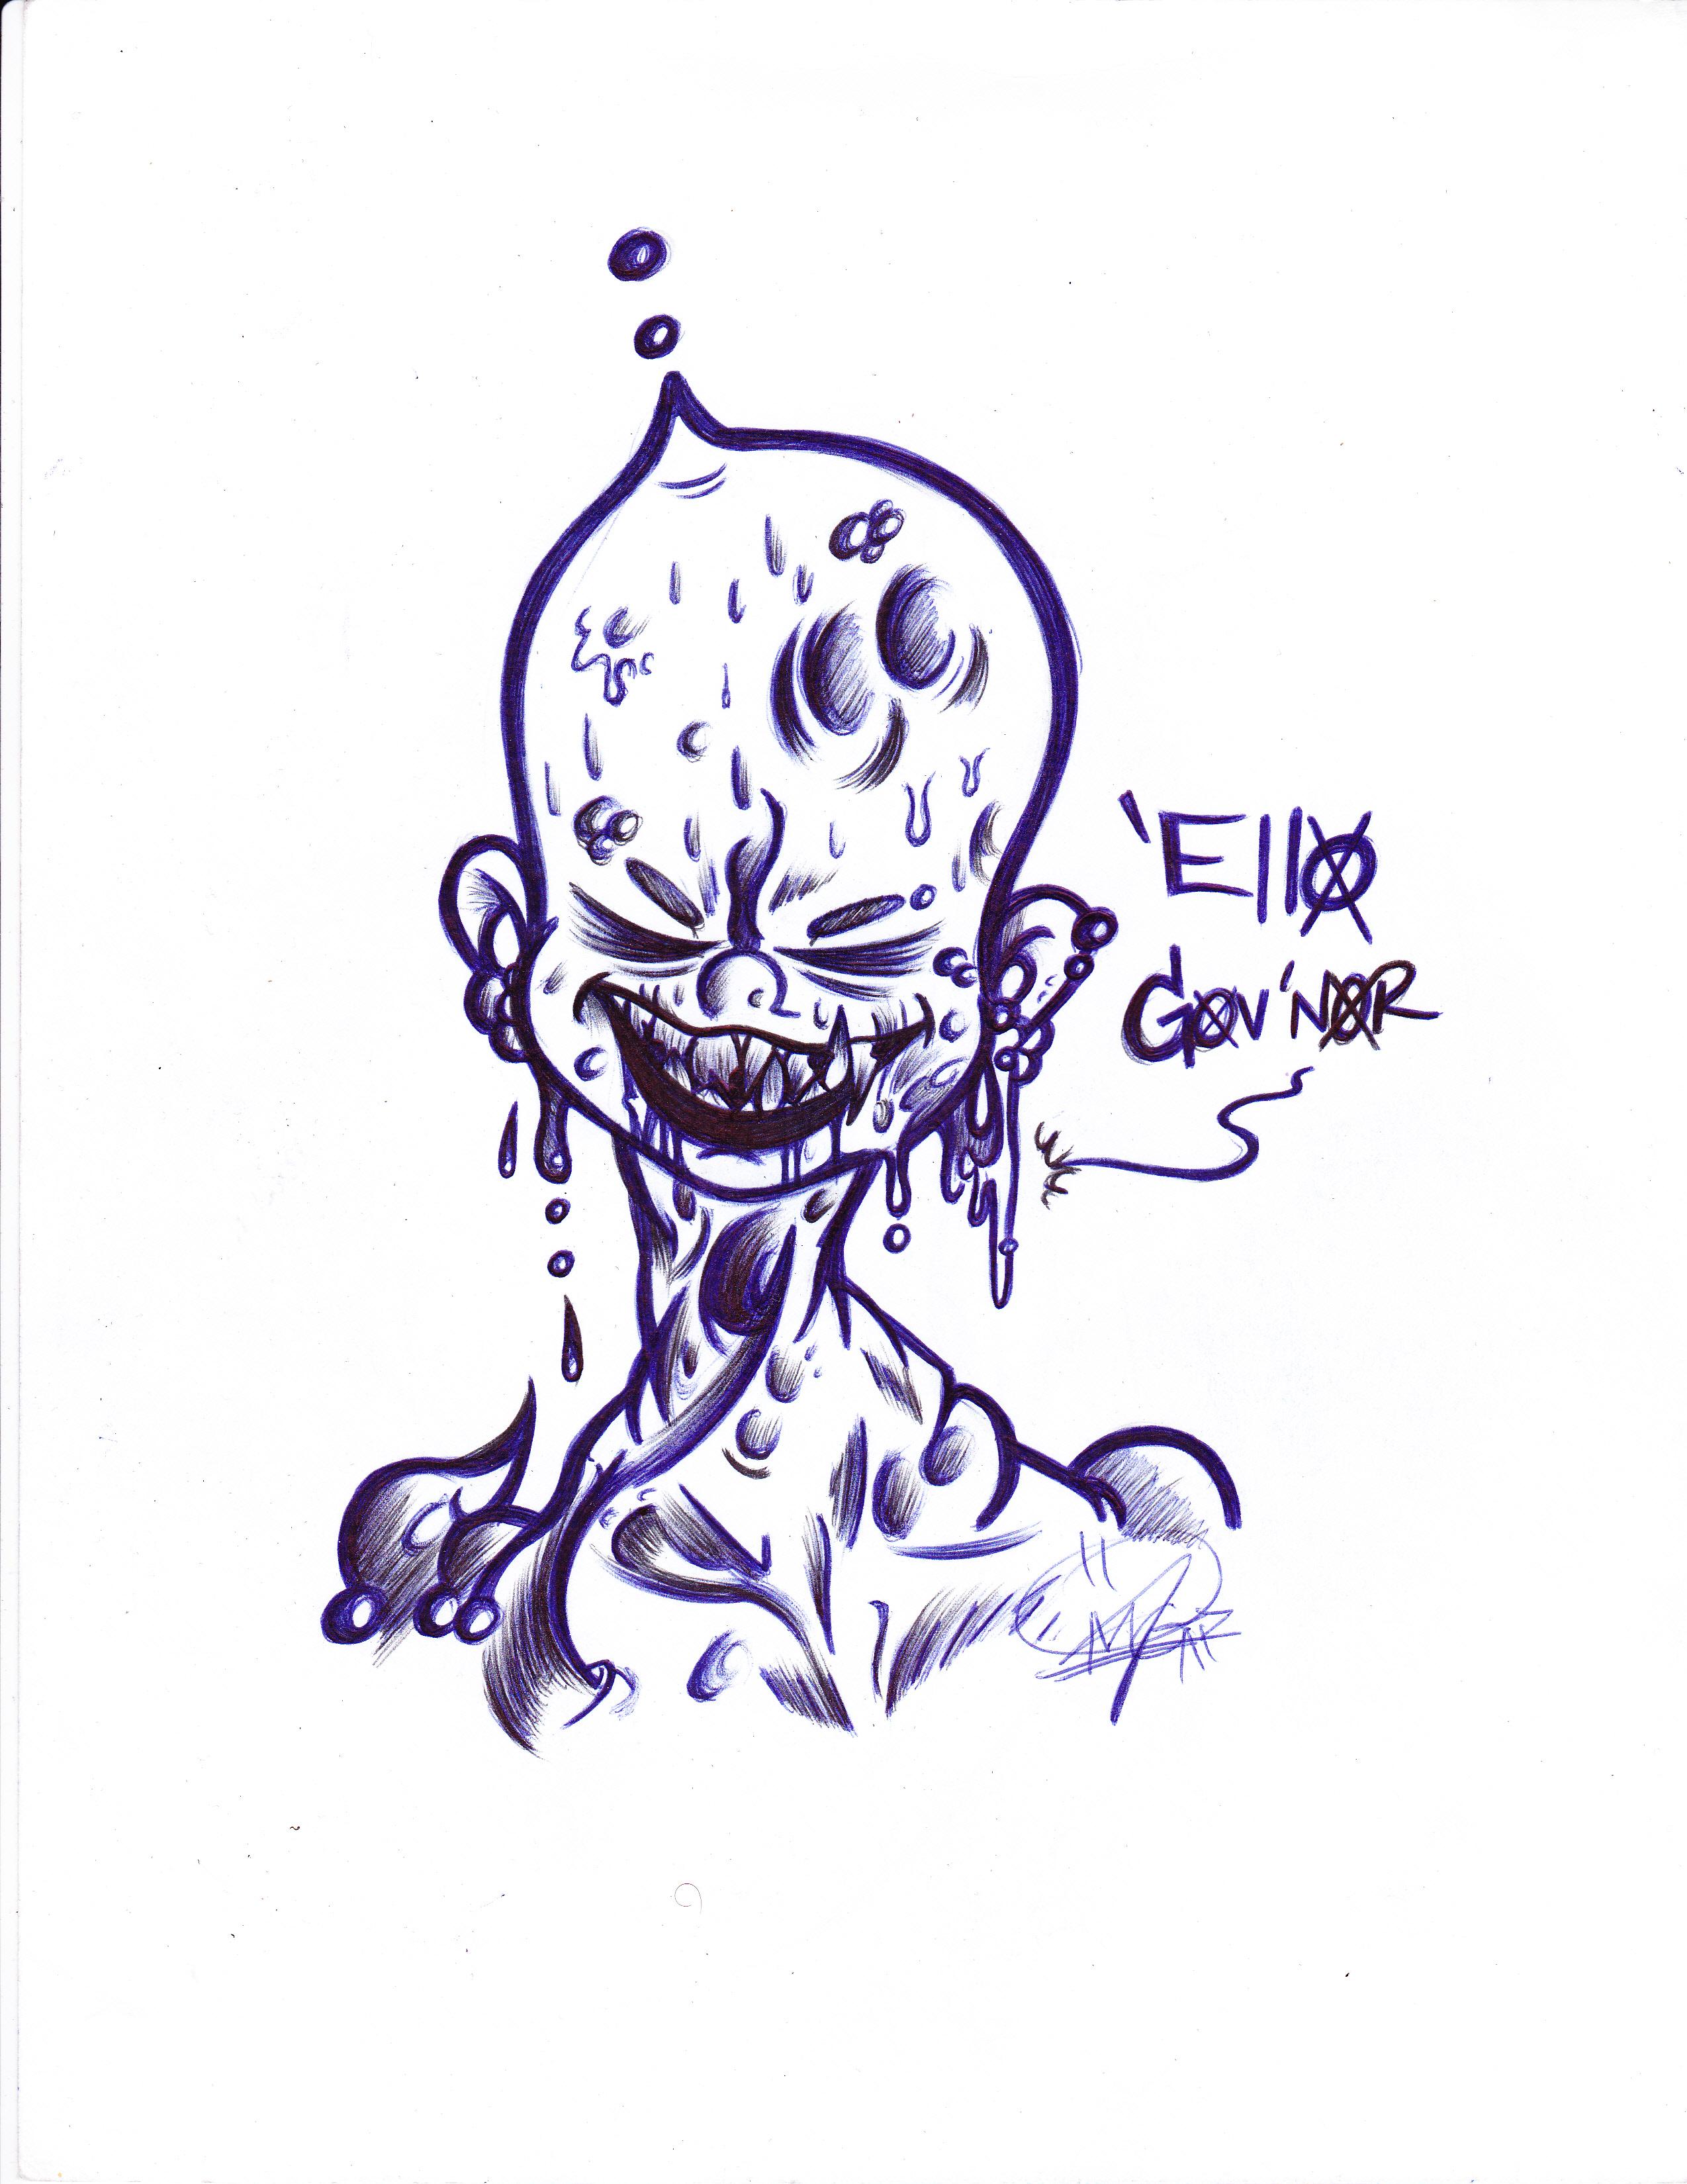 'Ello Gov'nor